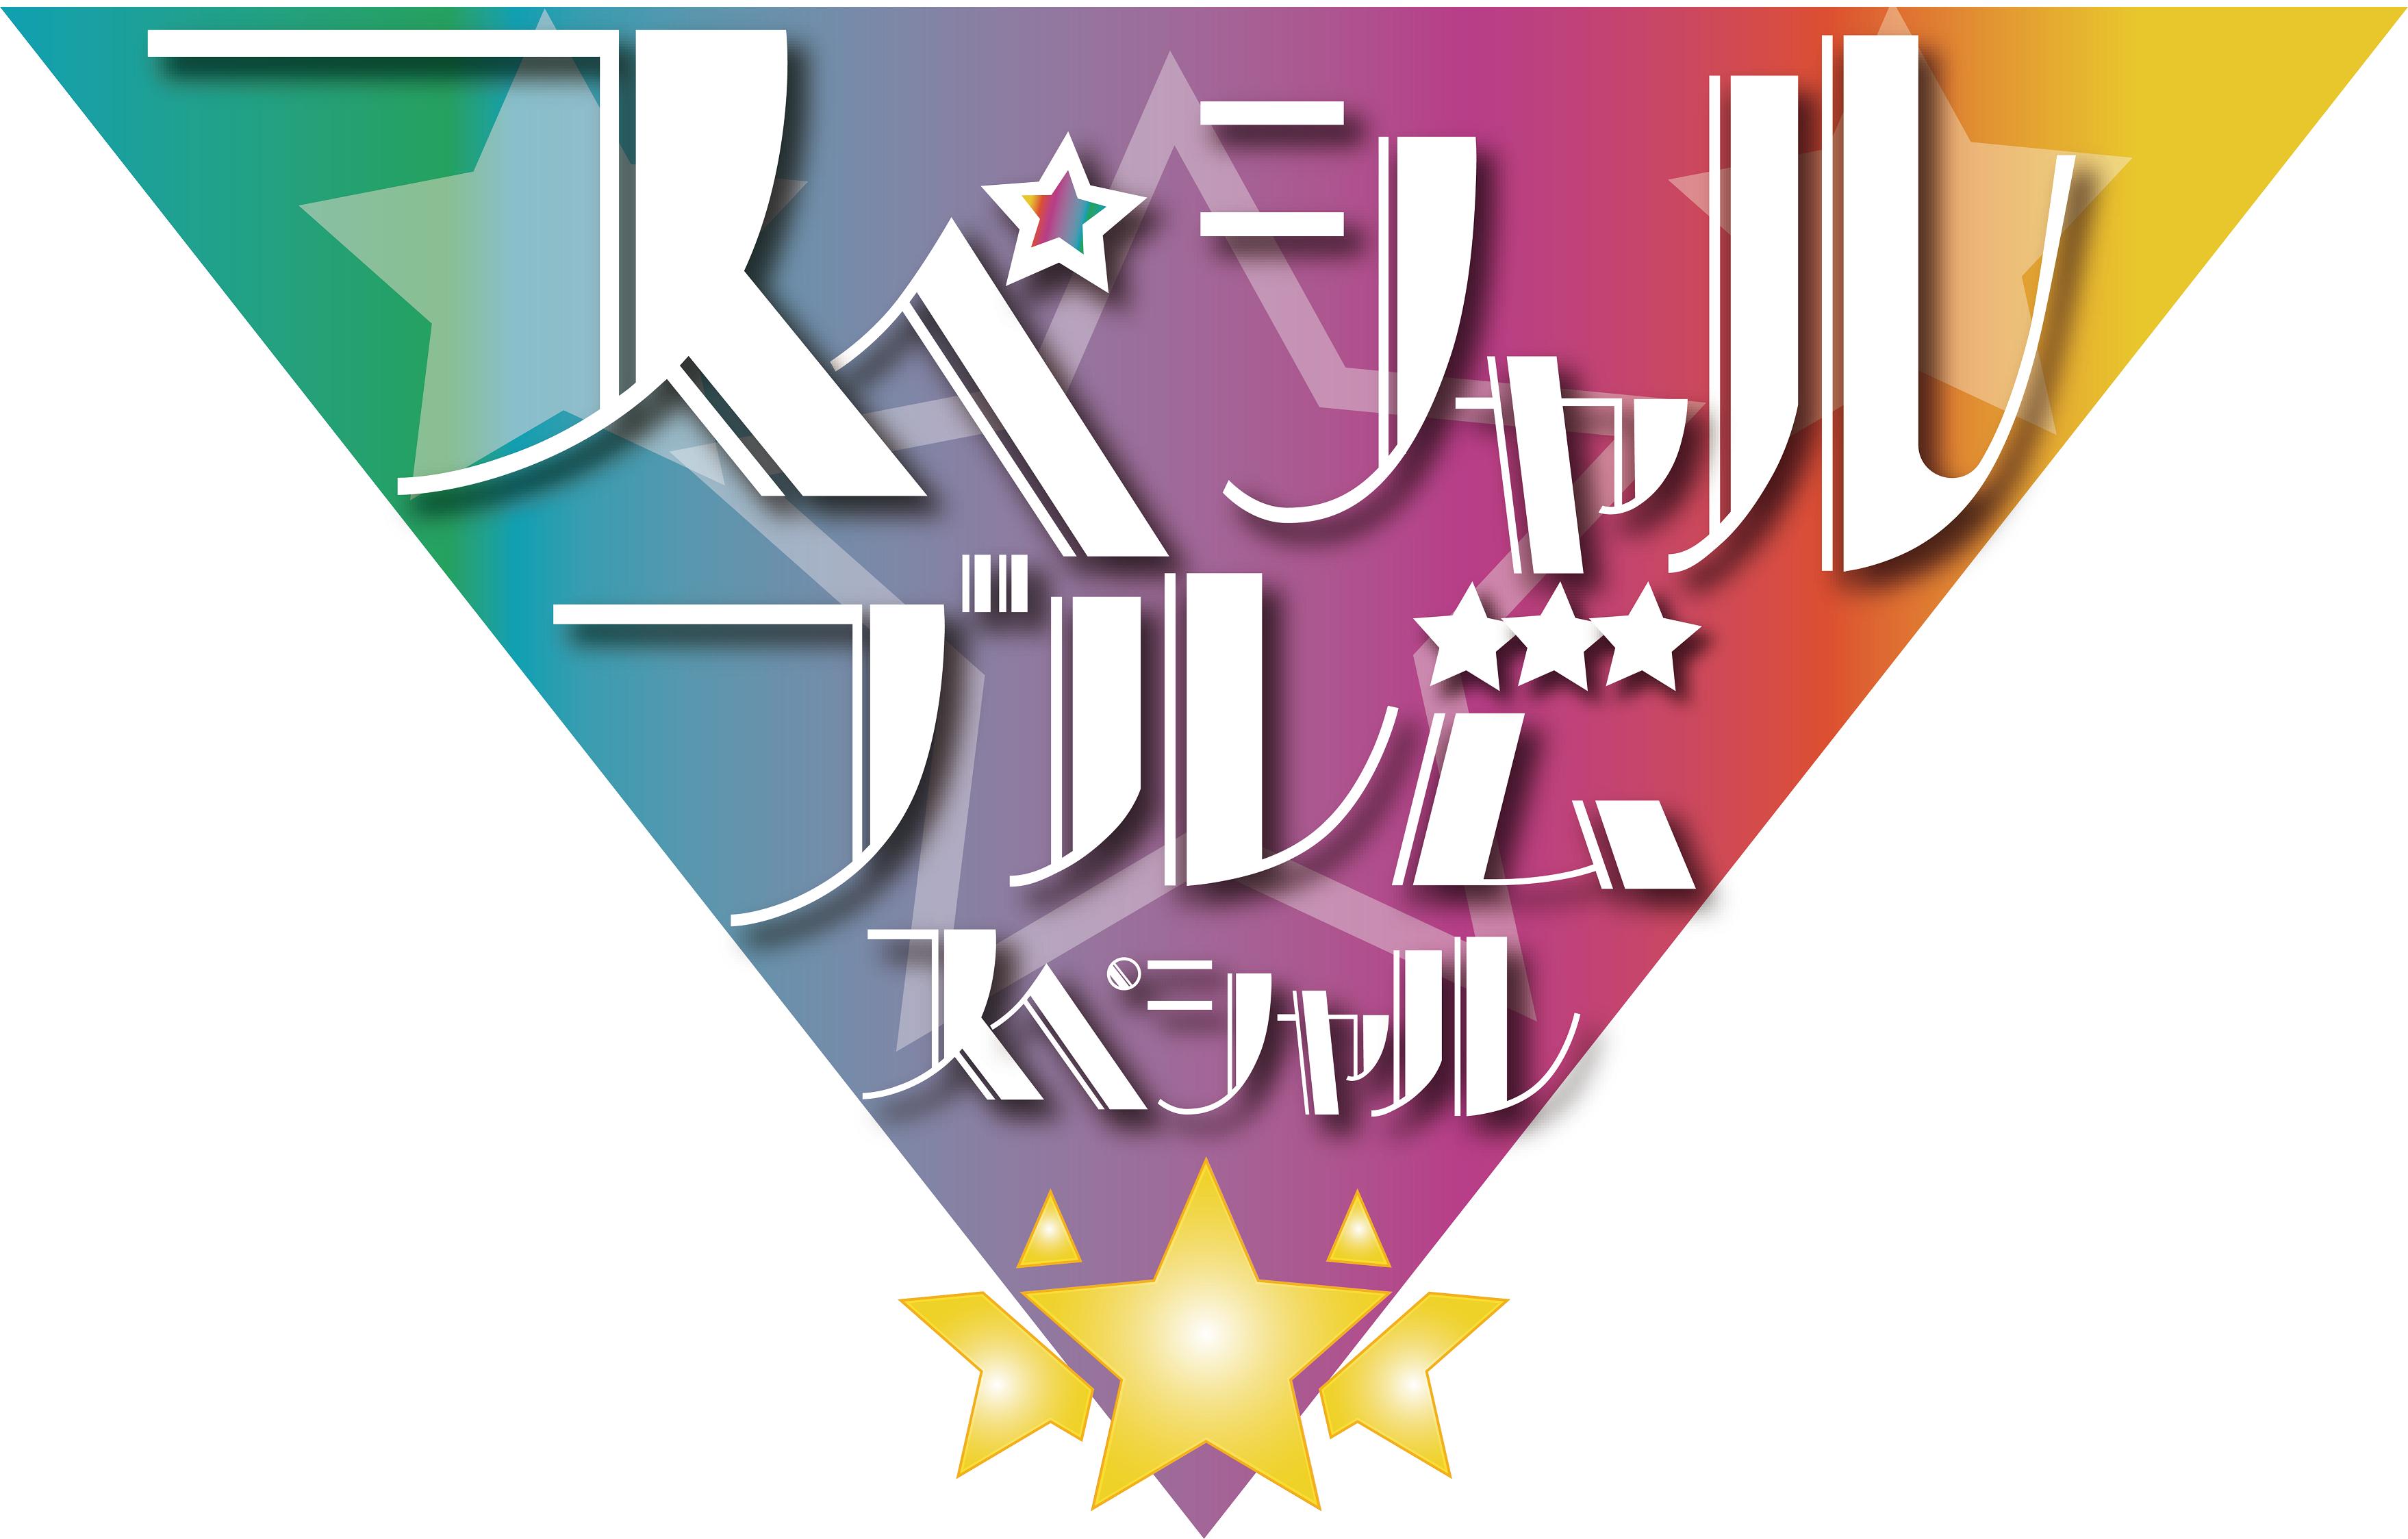 K-PROスペシャルライブ『スペシャルブルームスペシャル』